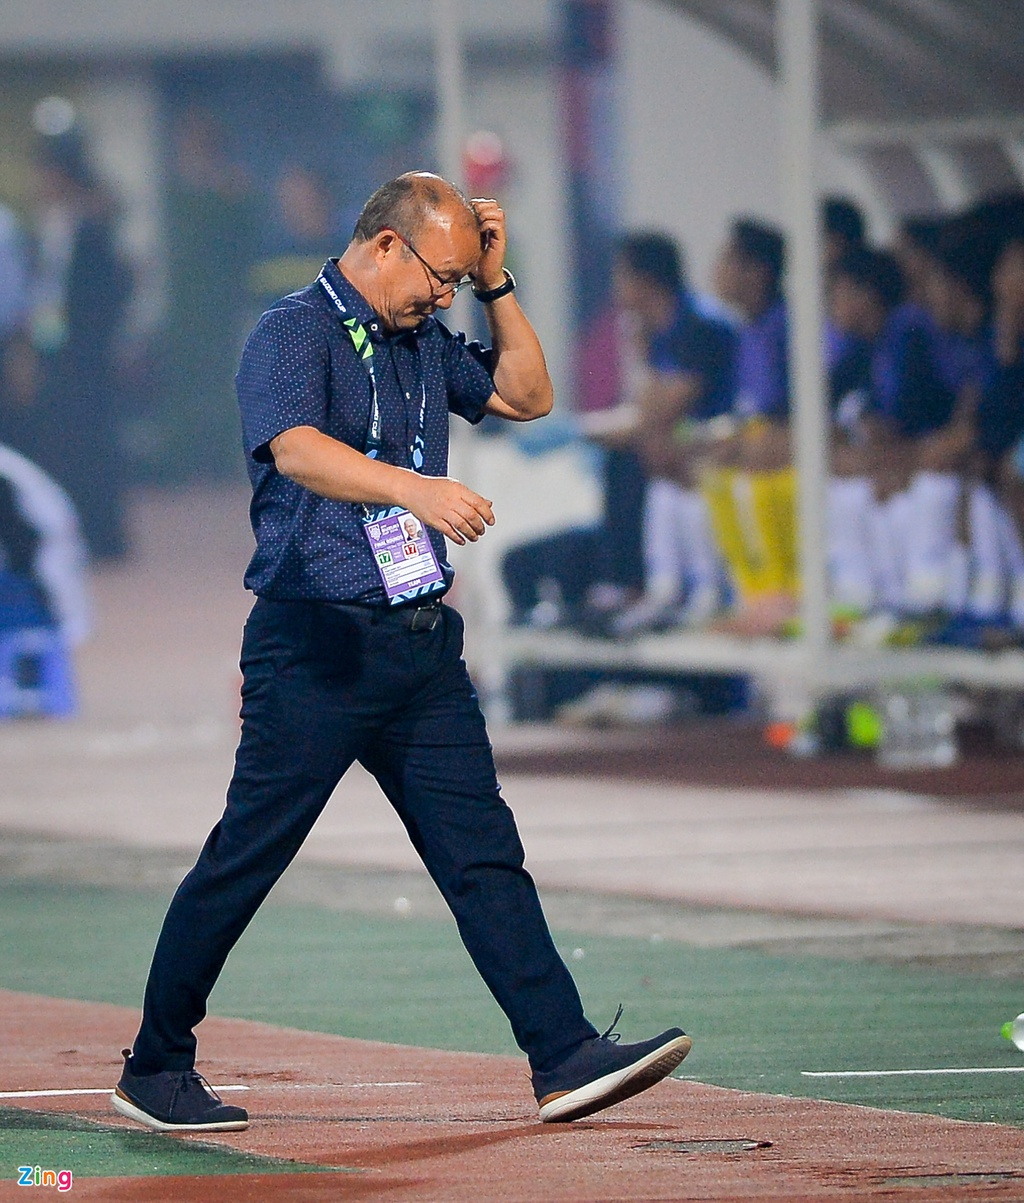 Phan ung dang yeu cua HLV Park Hang-seo trong tran gap Campuchia hinh anh 9